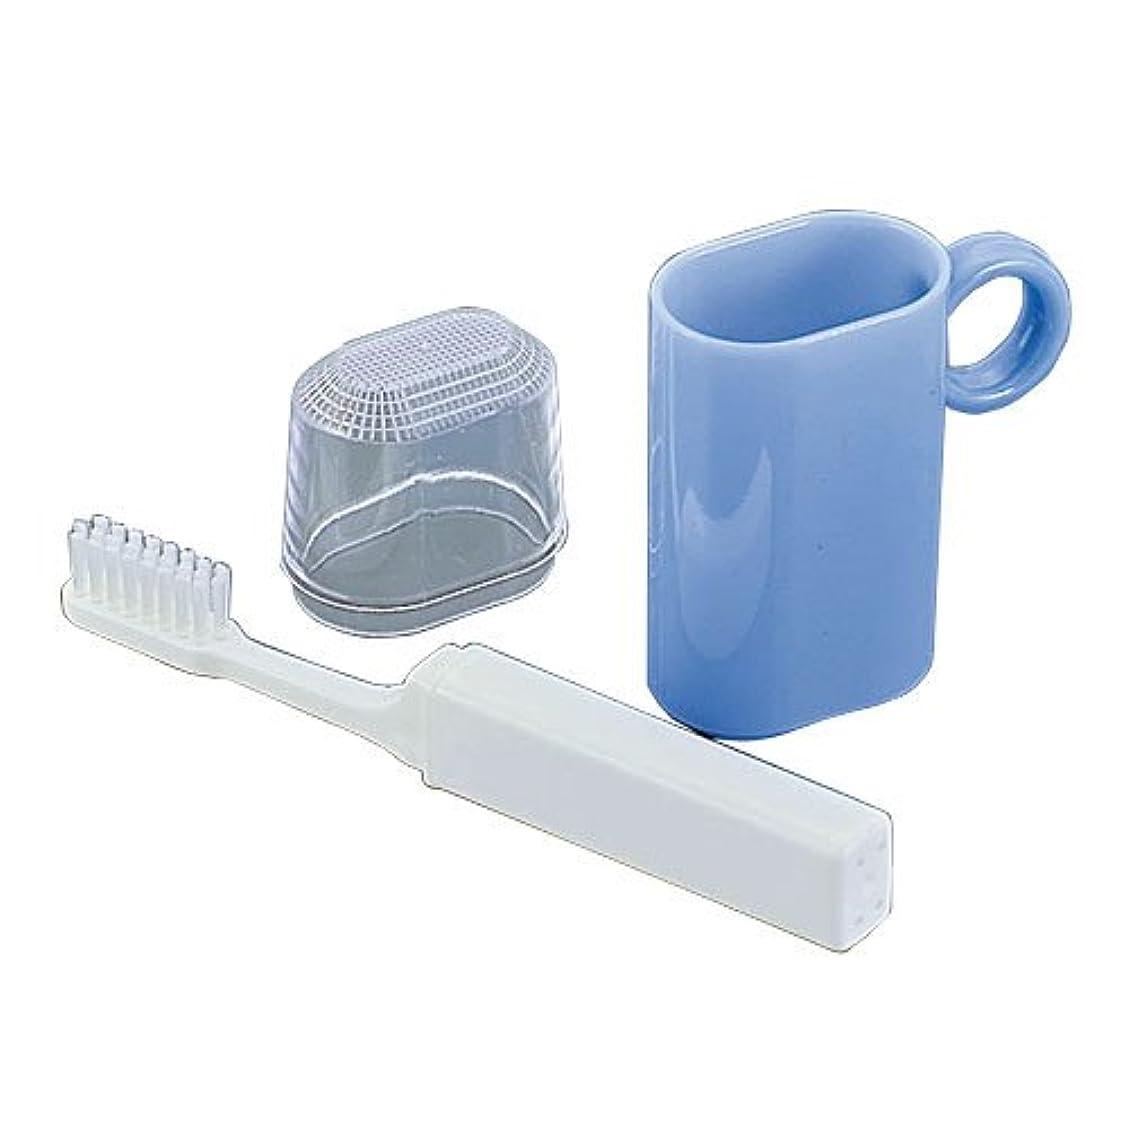 キリン支払う貨物コップ付歯ブラシセット ブルー